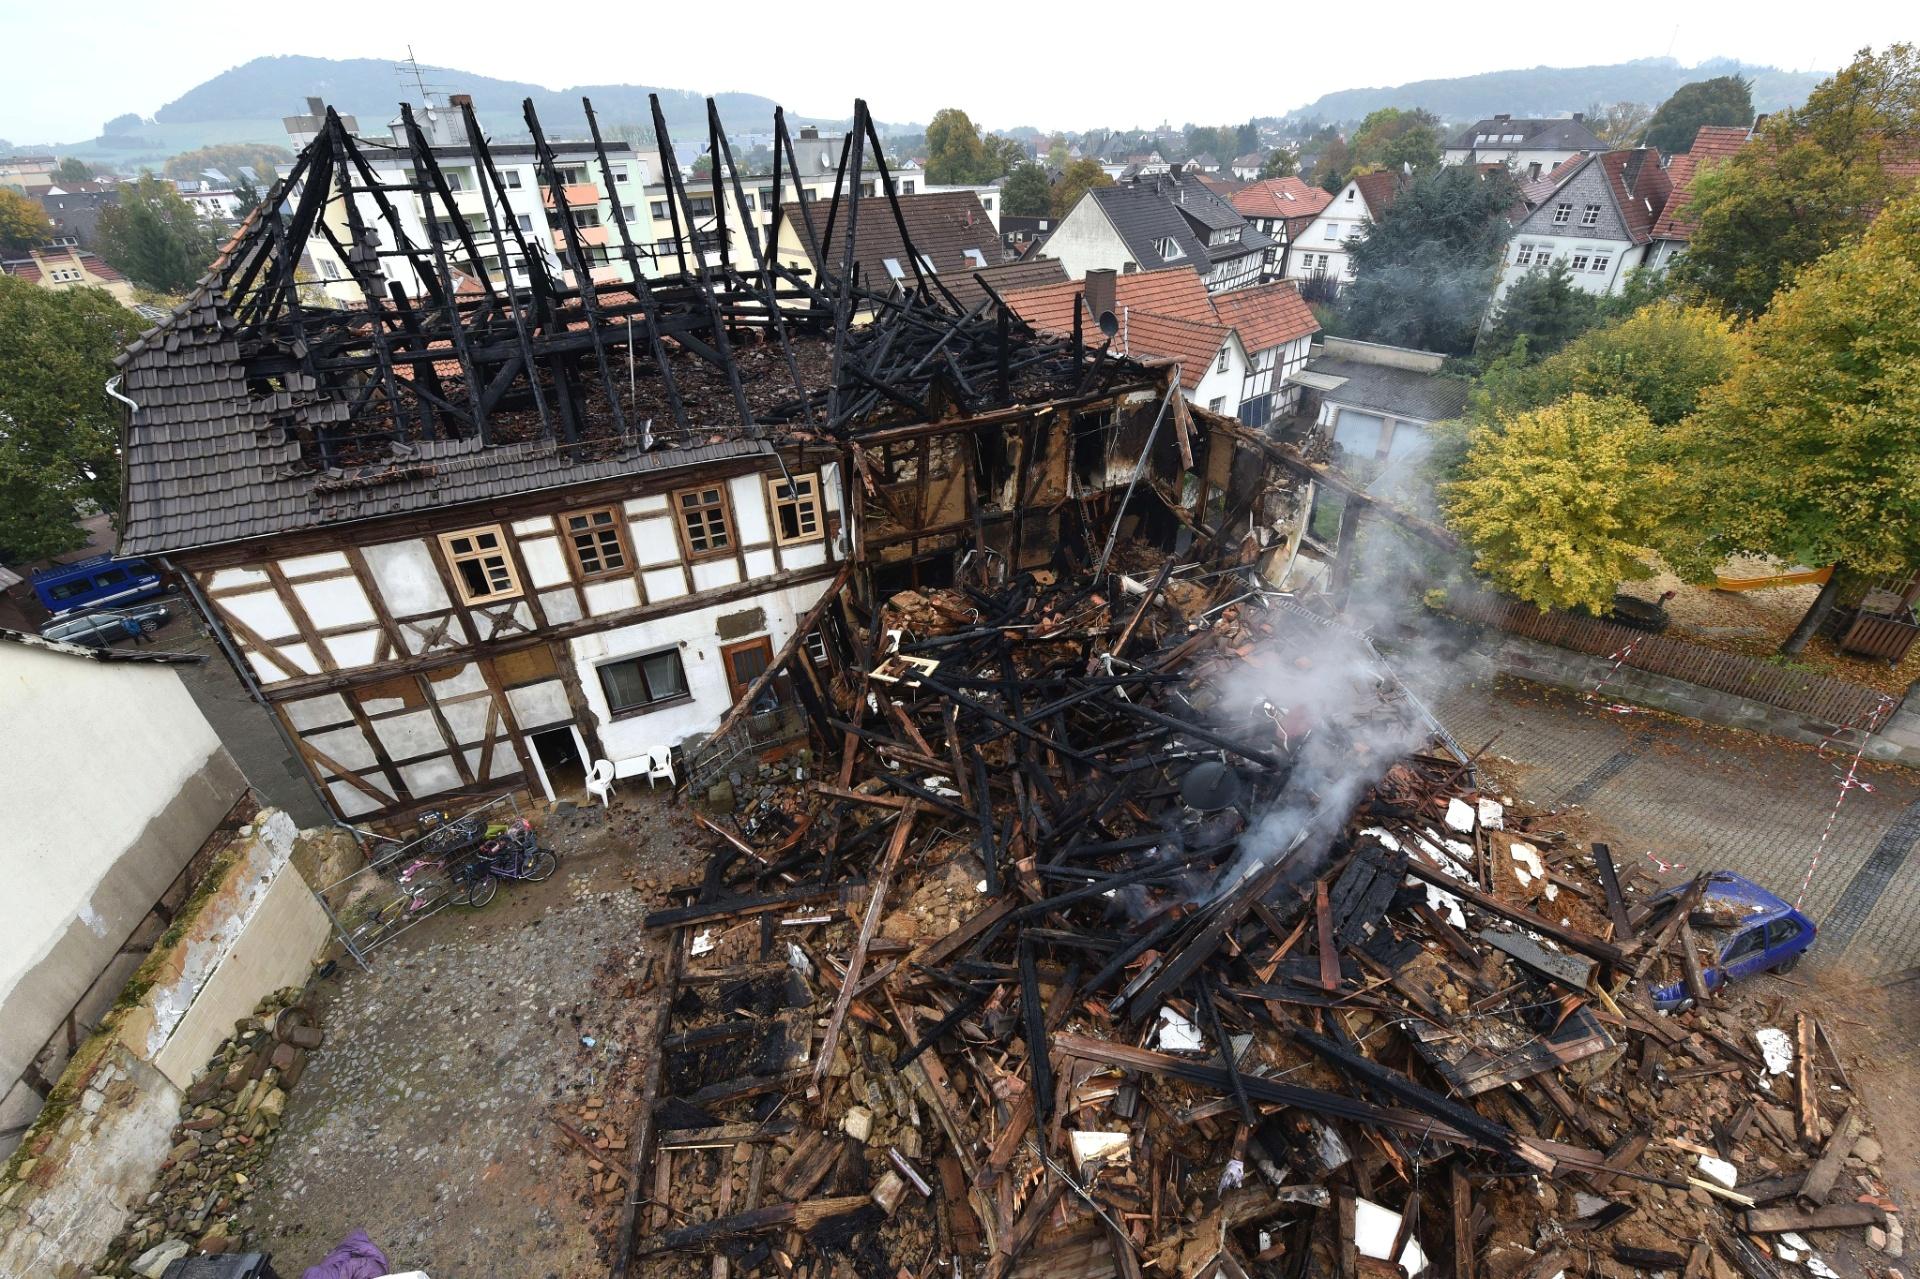 20.out.2015 - Casa ocupada por imigrantes da Bulgária e da Polônia pegou fogo em Gudensberg, na Alemanha. Segundo a polícia local, não há indícios de xenofobia